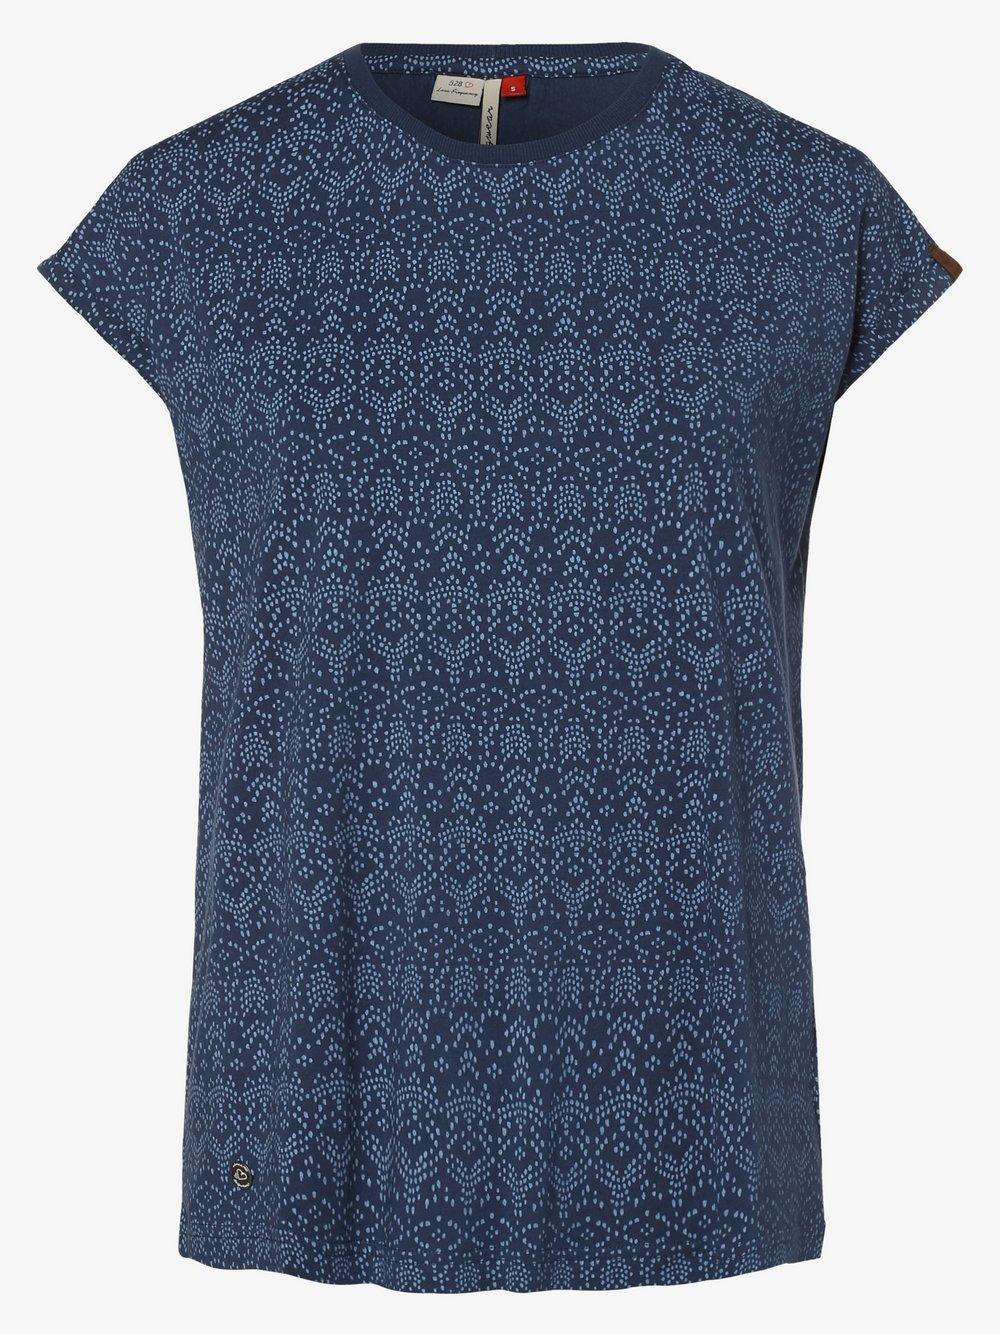 Ragwear – T-shirt damski – Dione, niebieski Van Graaf 475072-0002-09900